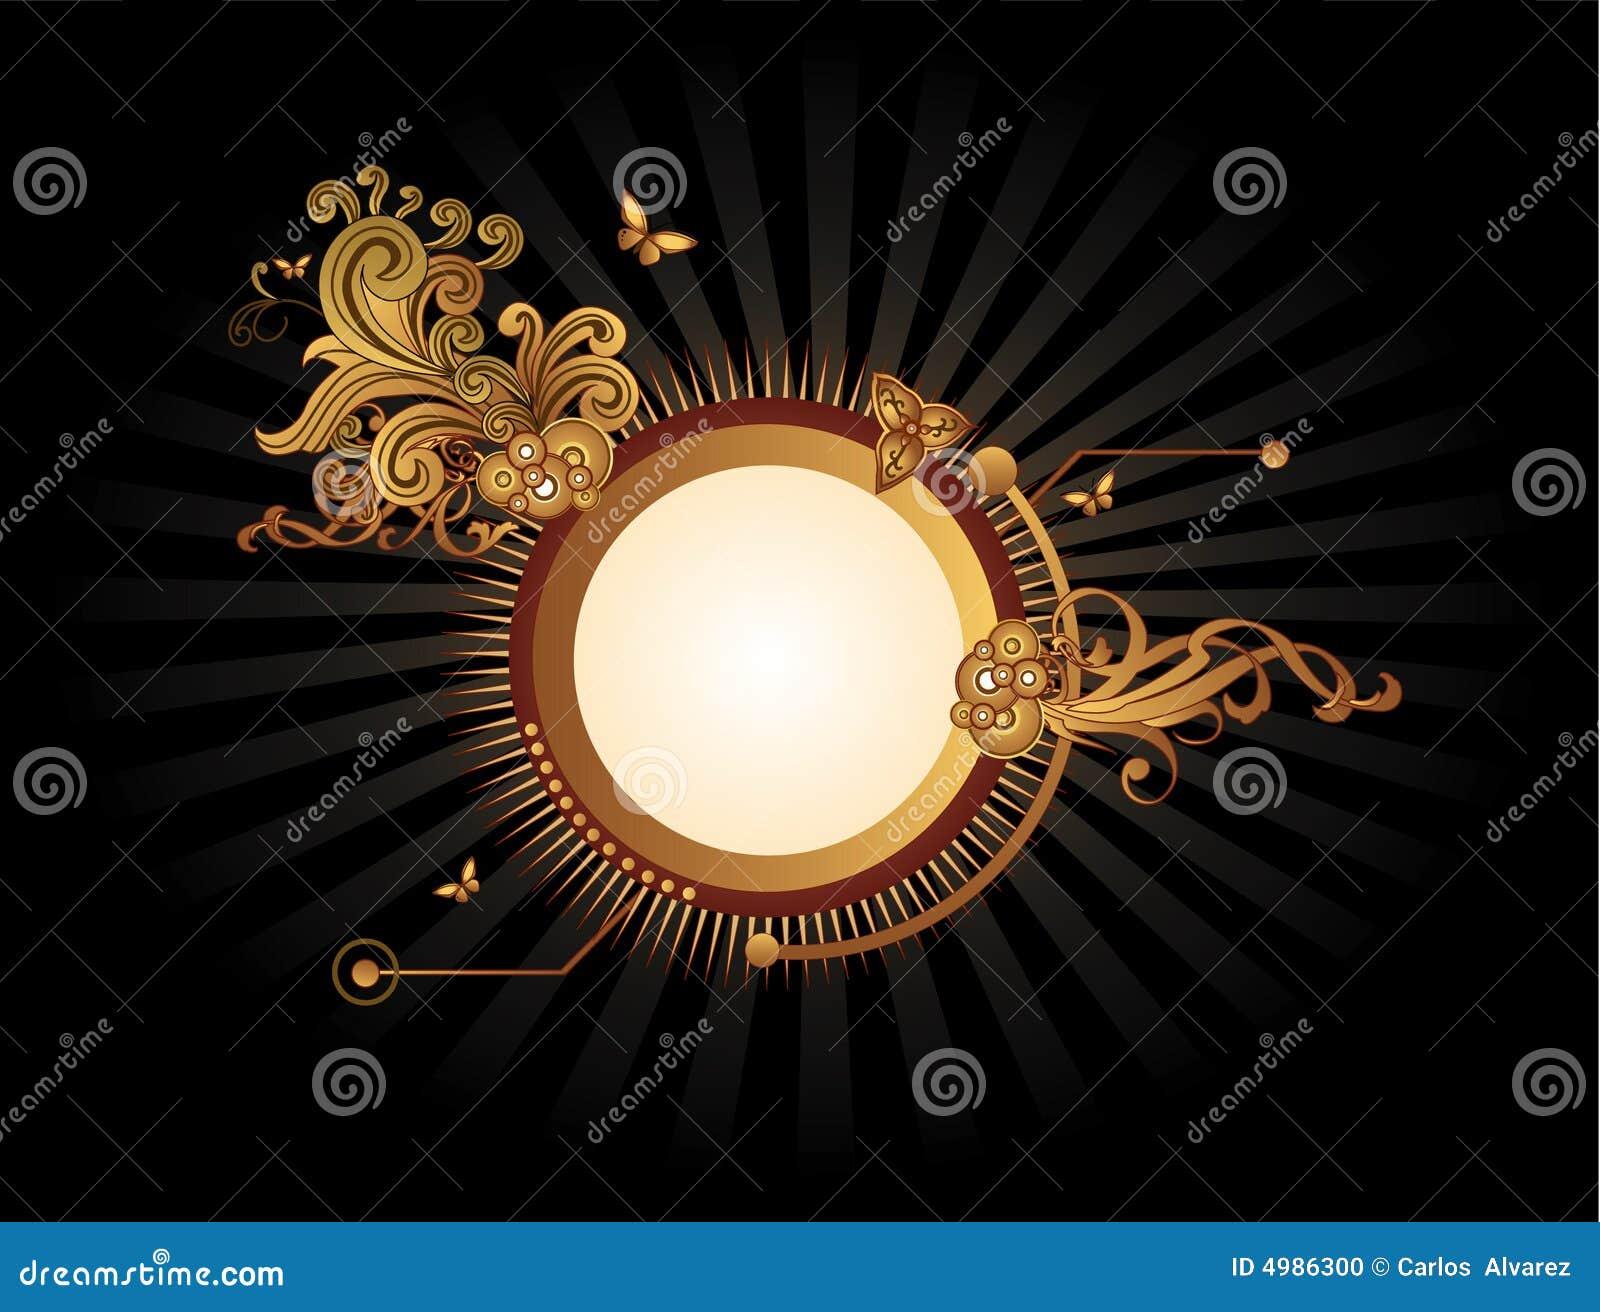 Banner abstrakcyjne złota wektora